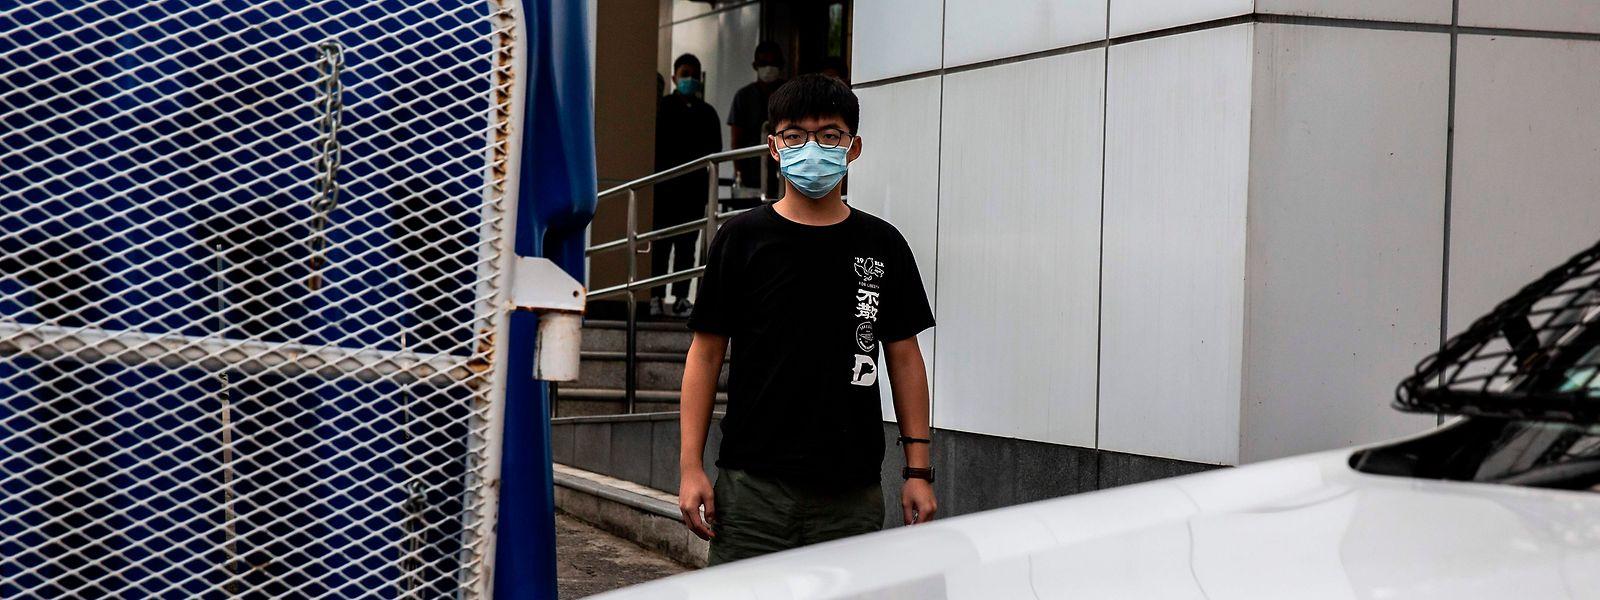 Pro-Demokratie-Aktivist Joshua Wong nach seiner vorübergehenden Festnahme durch die Polizei. Ihm droht nun eine langjährige Haftstrafe.